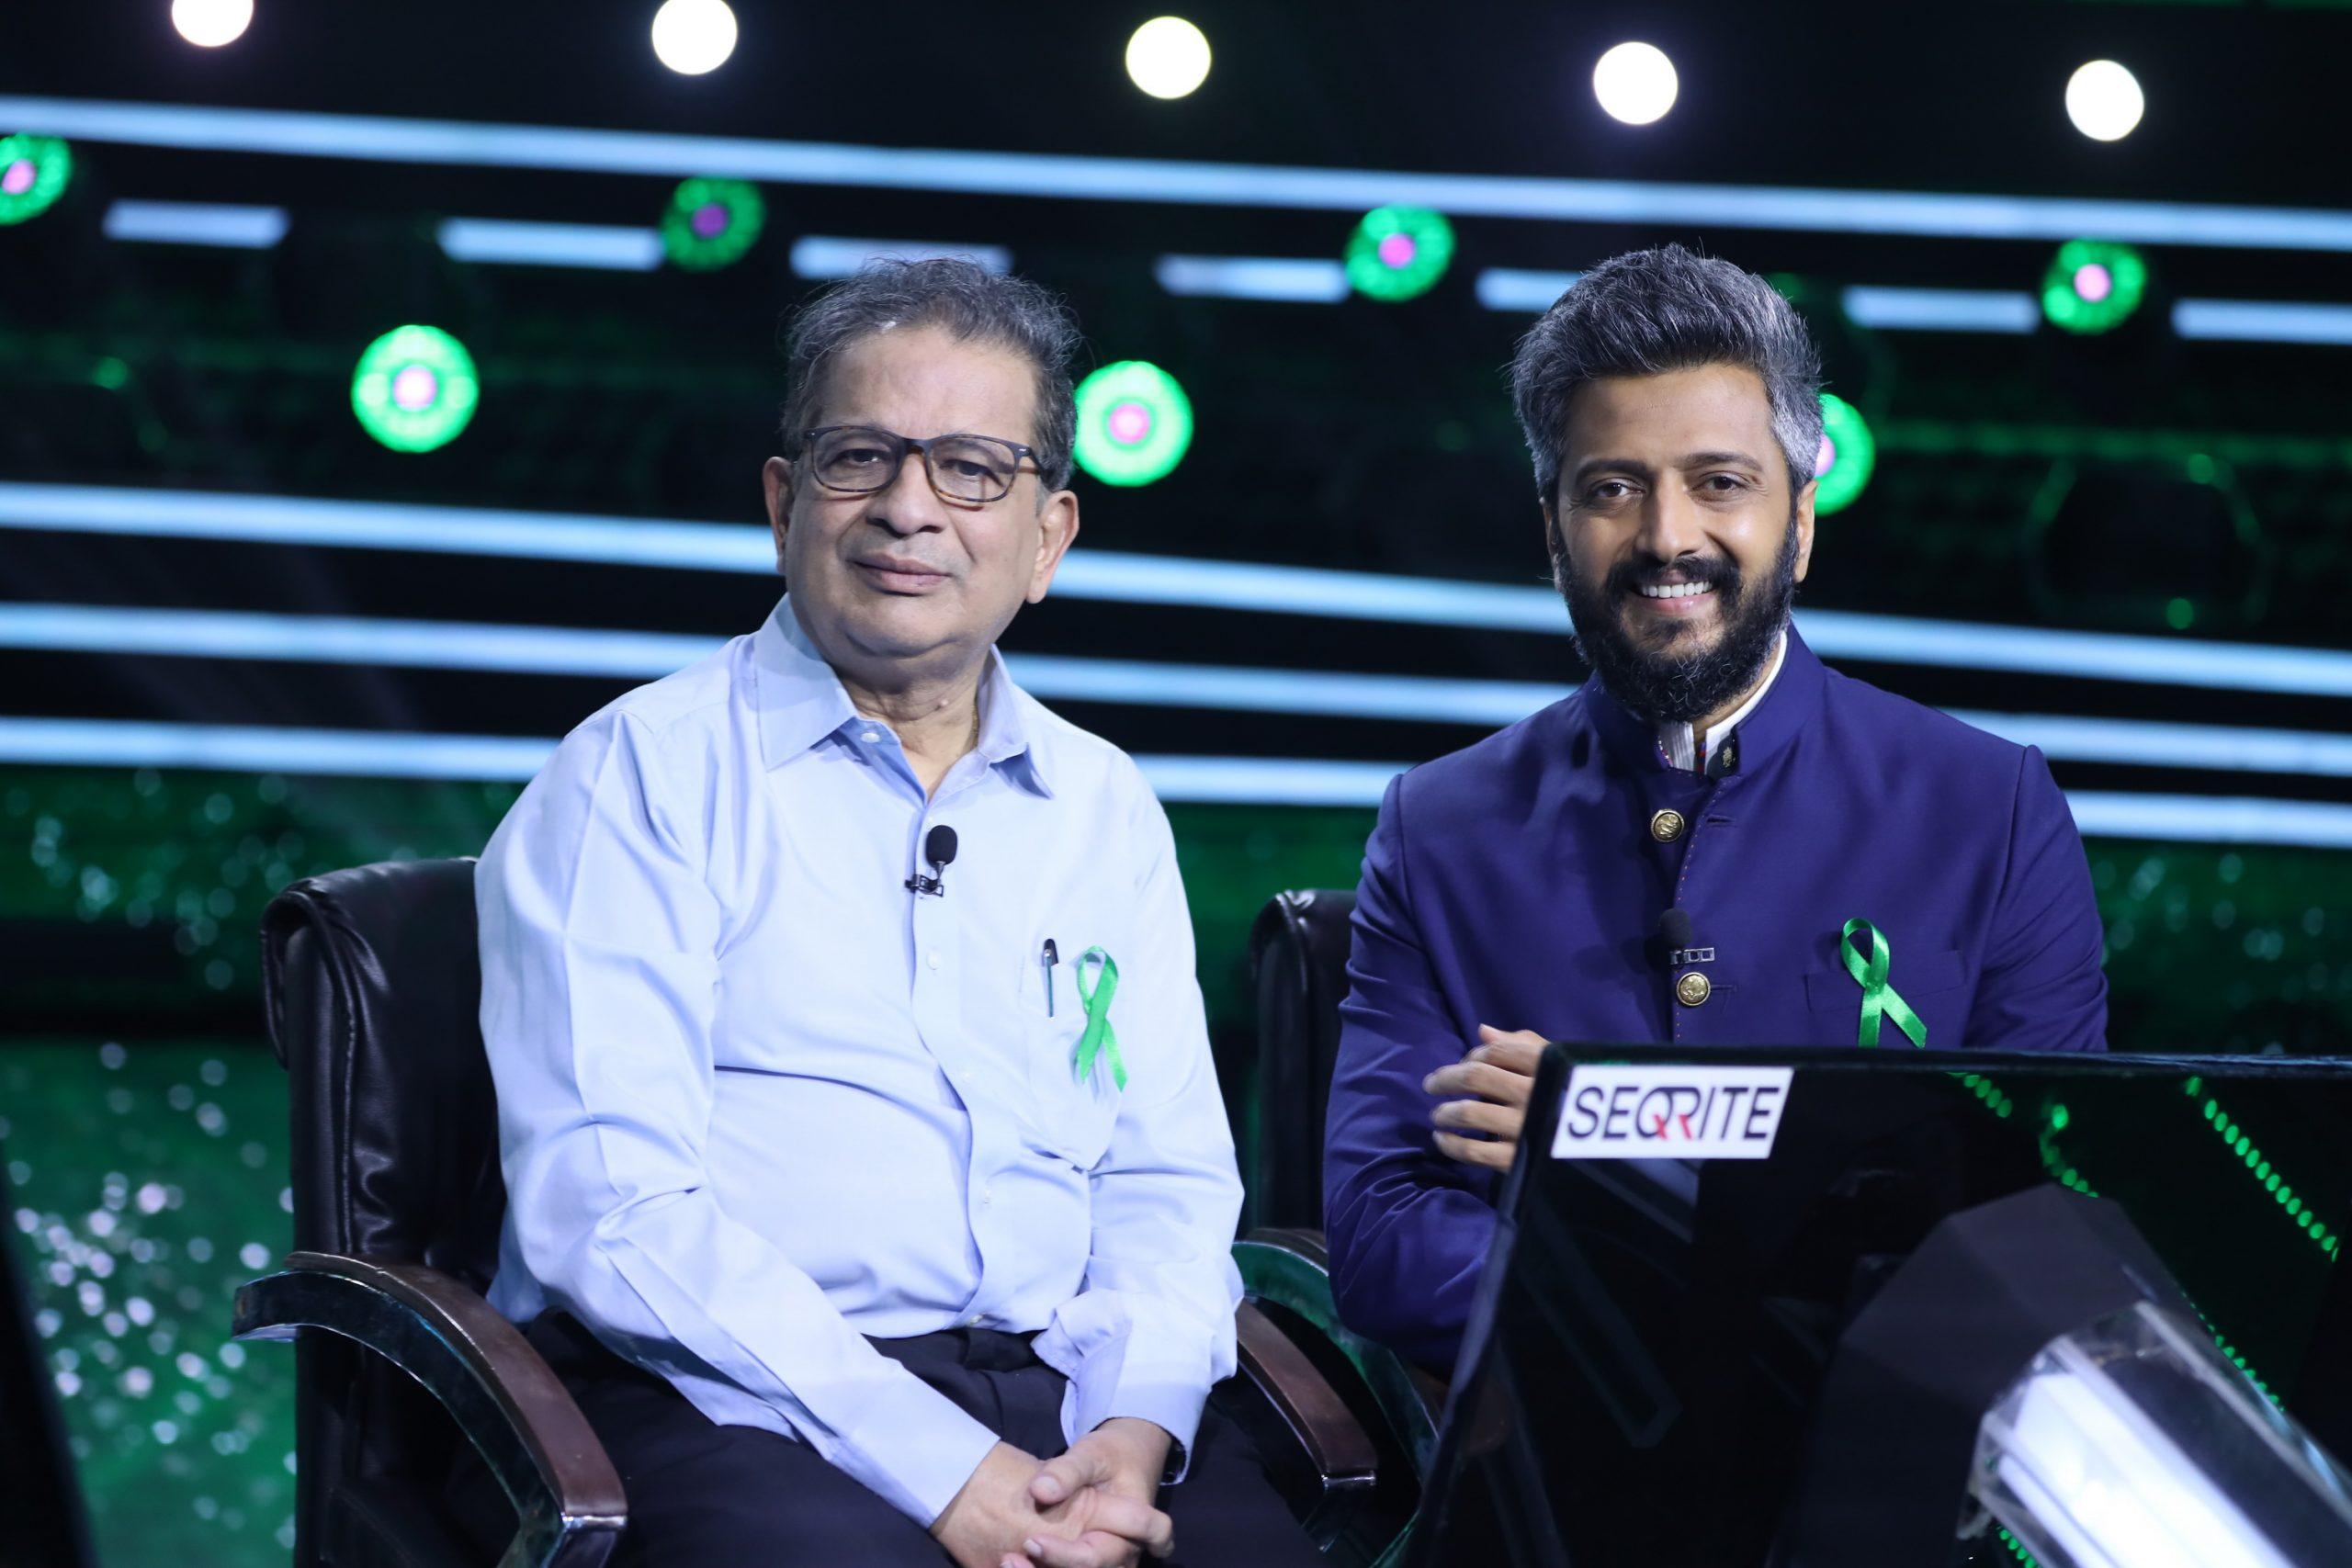 केबीसी के करमवीर स्पेशल एपिसोड में अंगदान को लेकर रितेश देशमुख ने बताई अपने दिल की बात